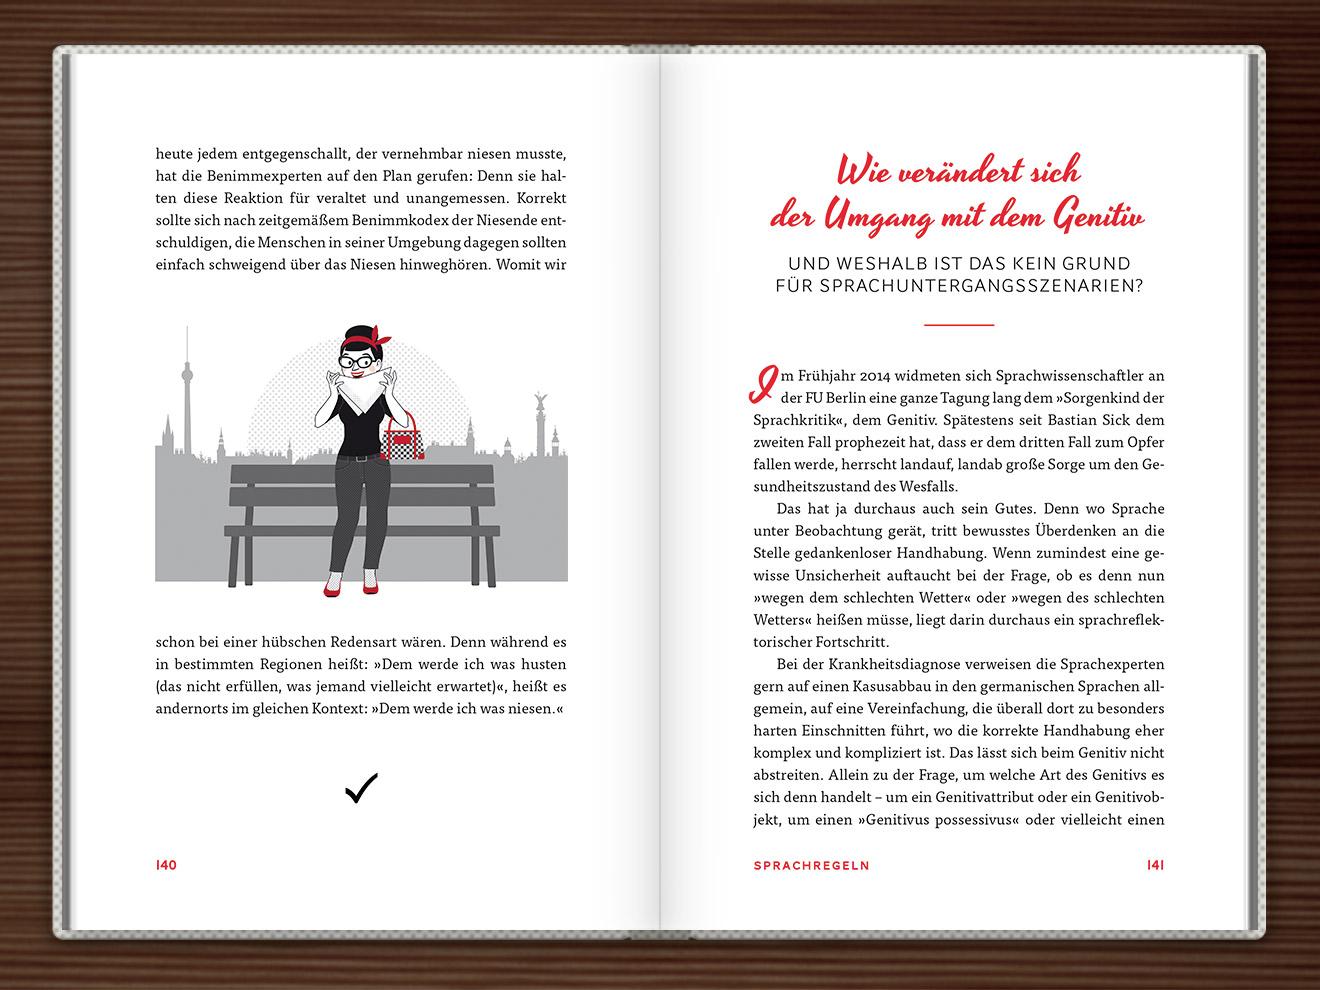 Niesen im Buch Du hast das Wort, Schätzchen! 100 charmante Geschichten rund um die Sprache im Duden Verlag von Rita Mielke mit Illustrationen im Sixties-Stil von Iris Luckhaus